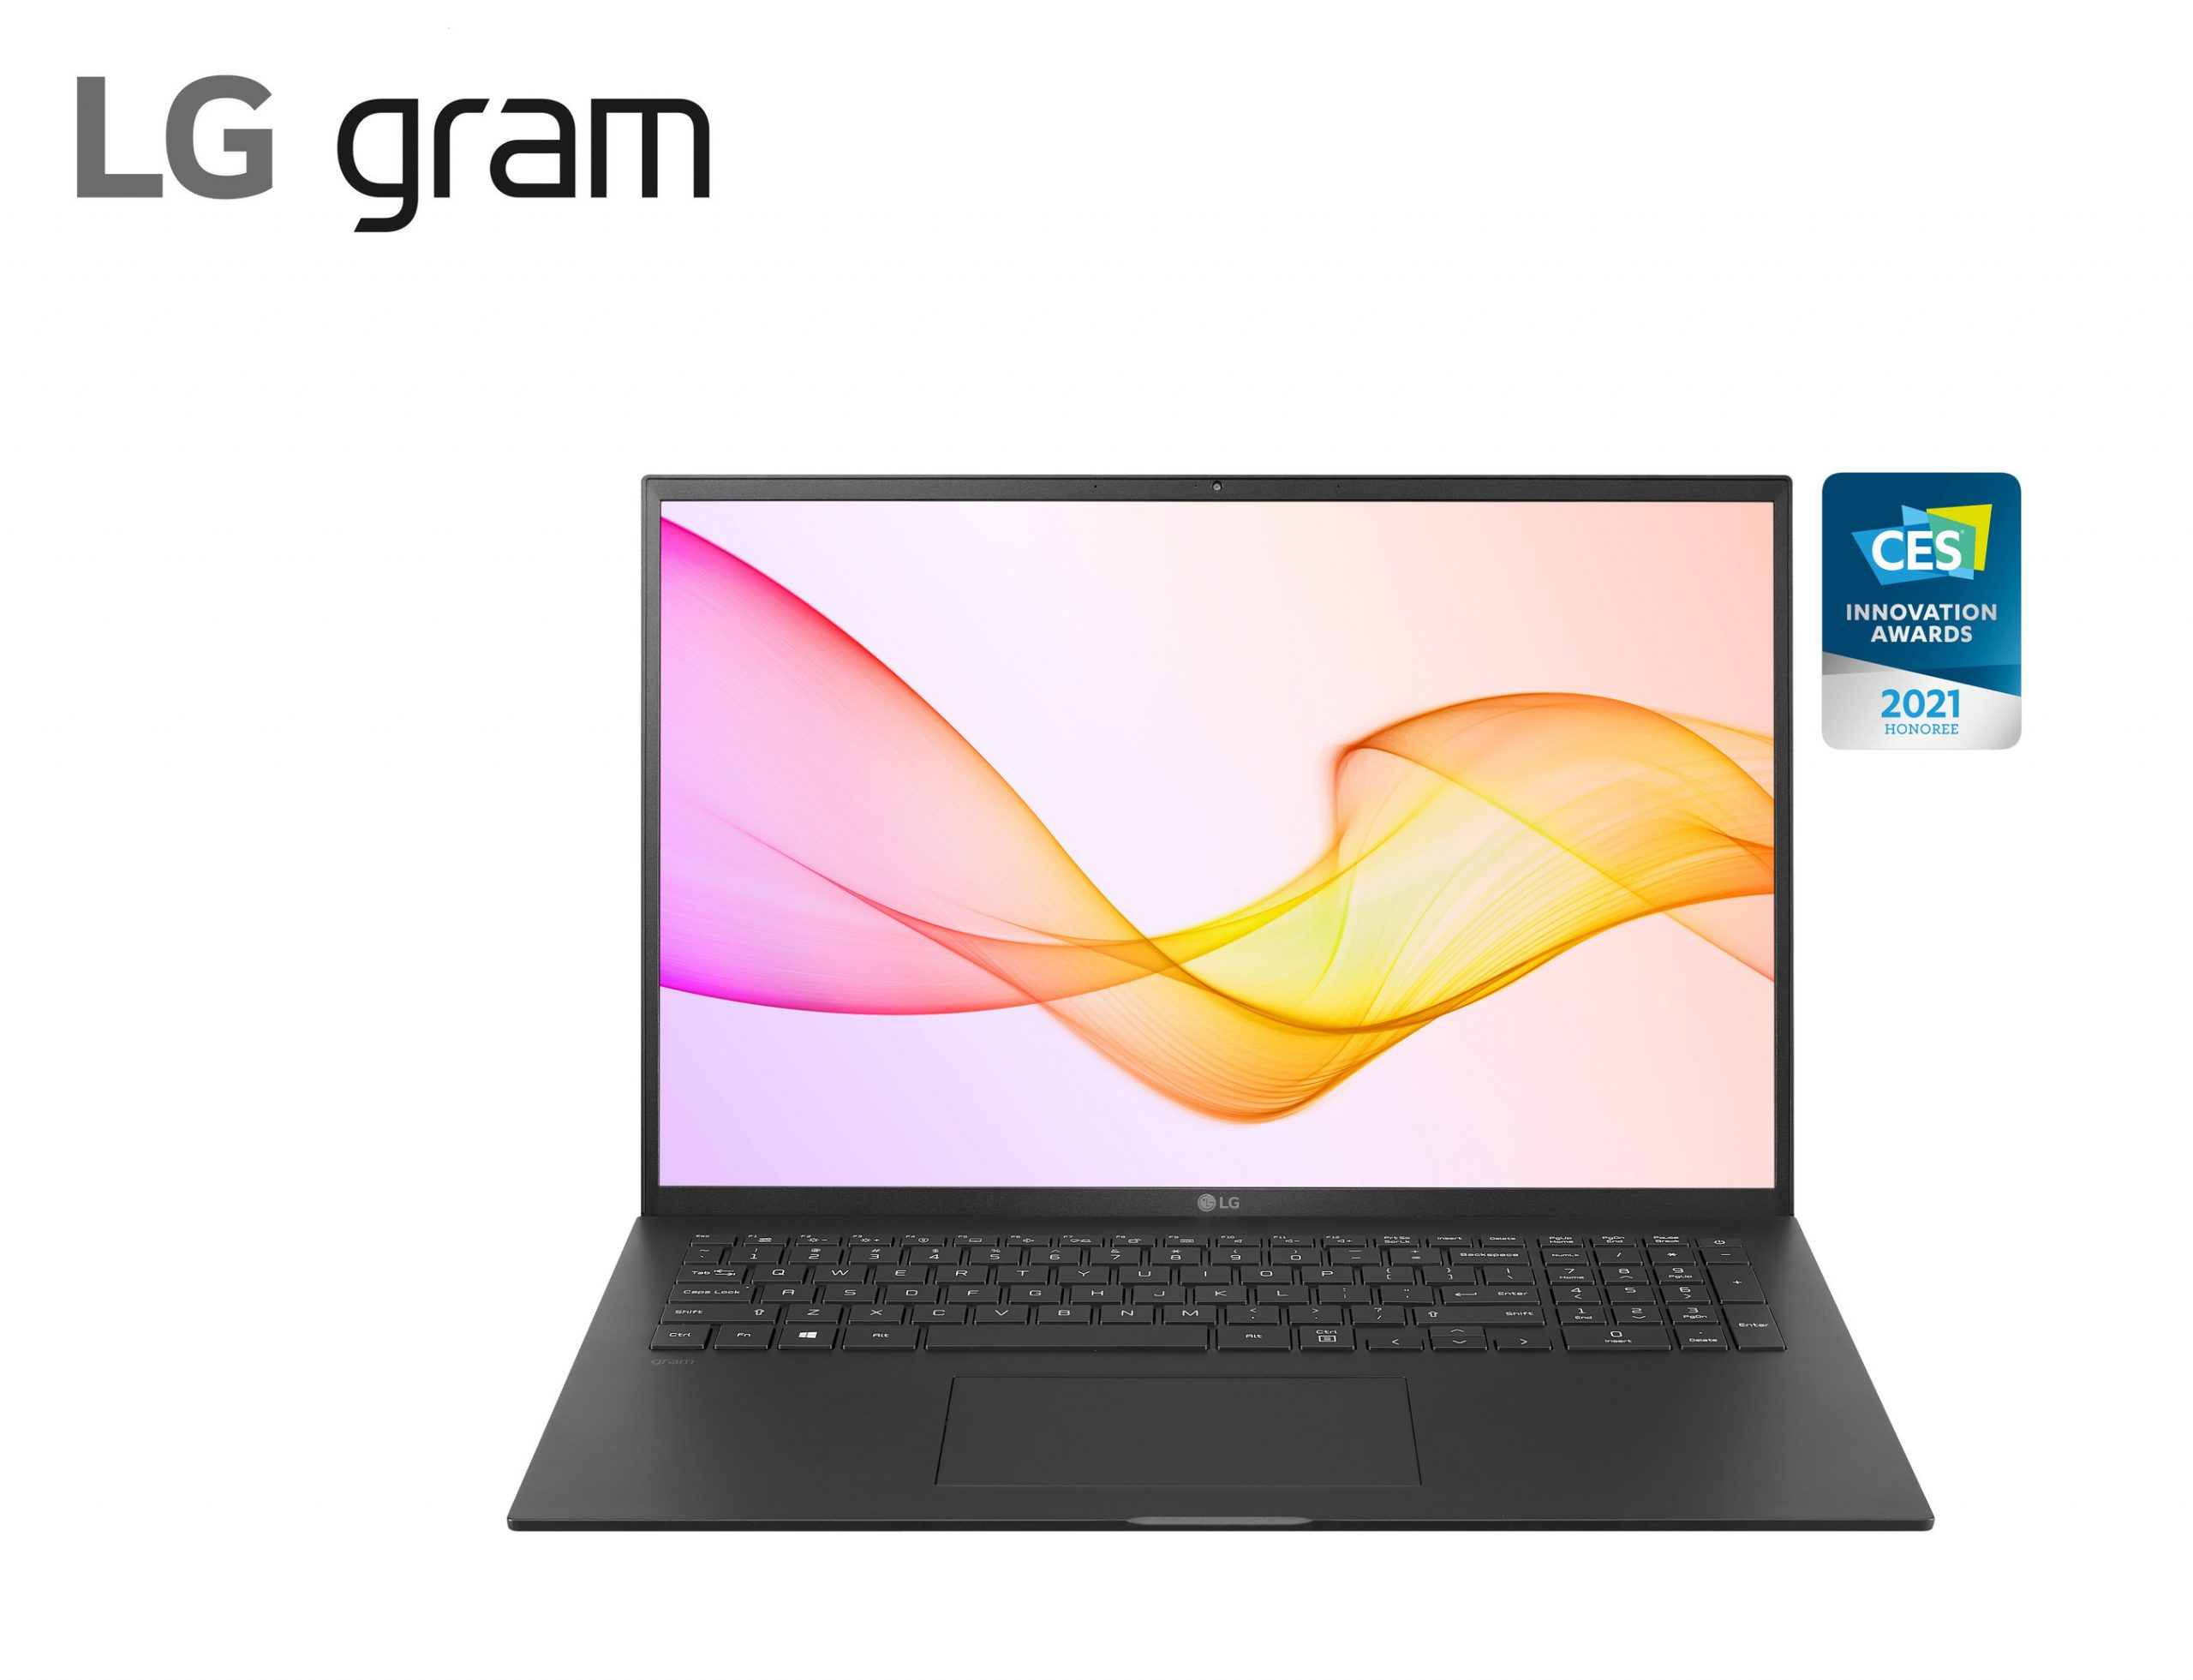 Nuevas LG Gram: nuevo diseño y relación de aspecto 16:10